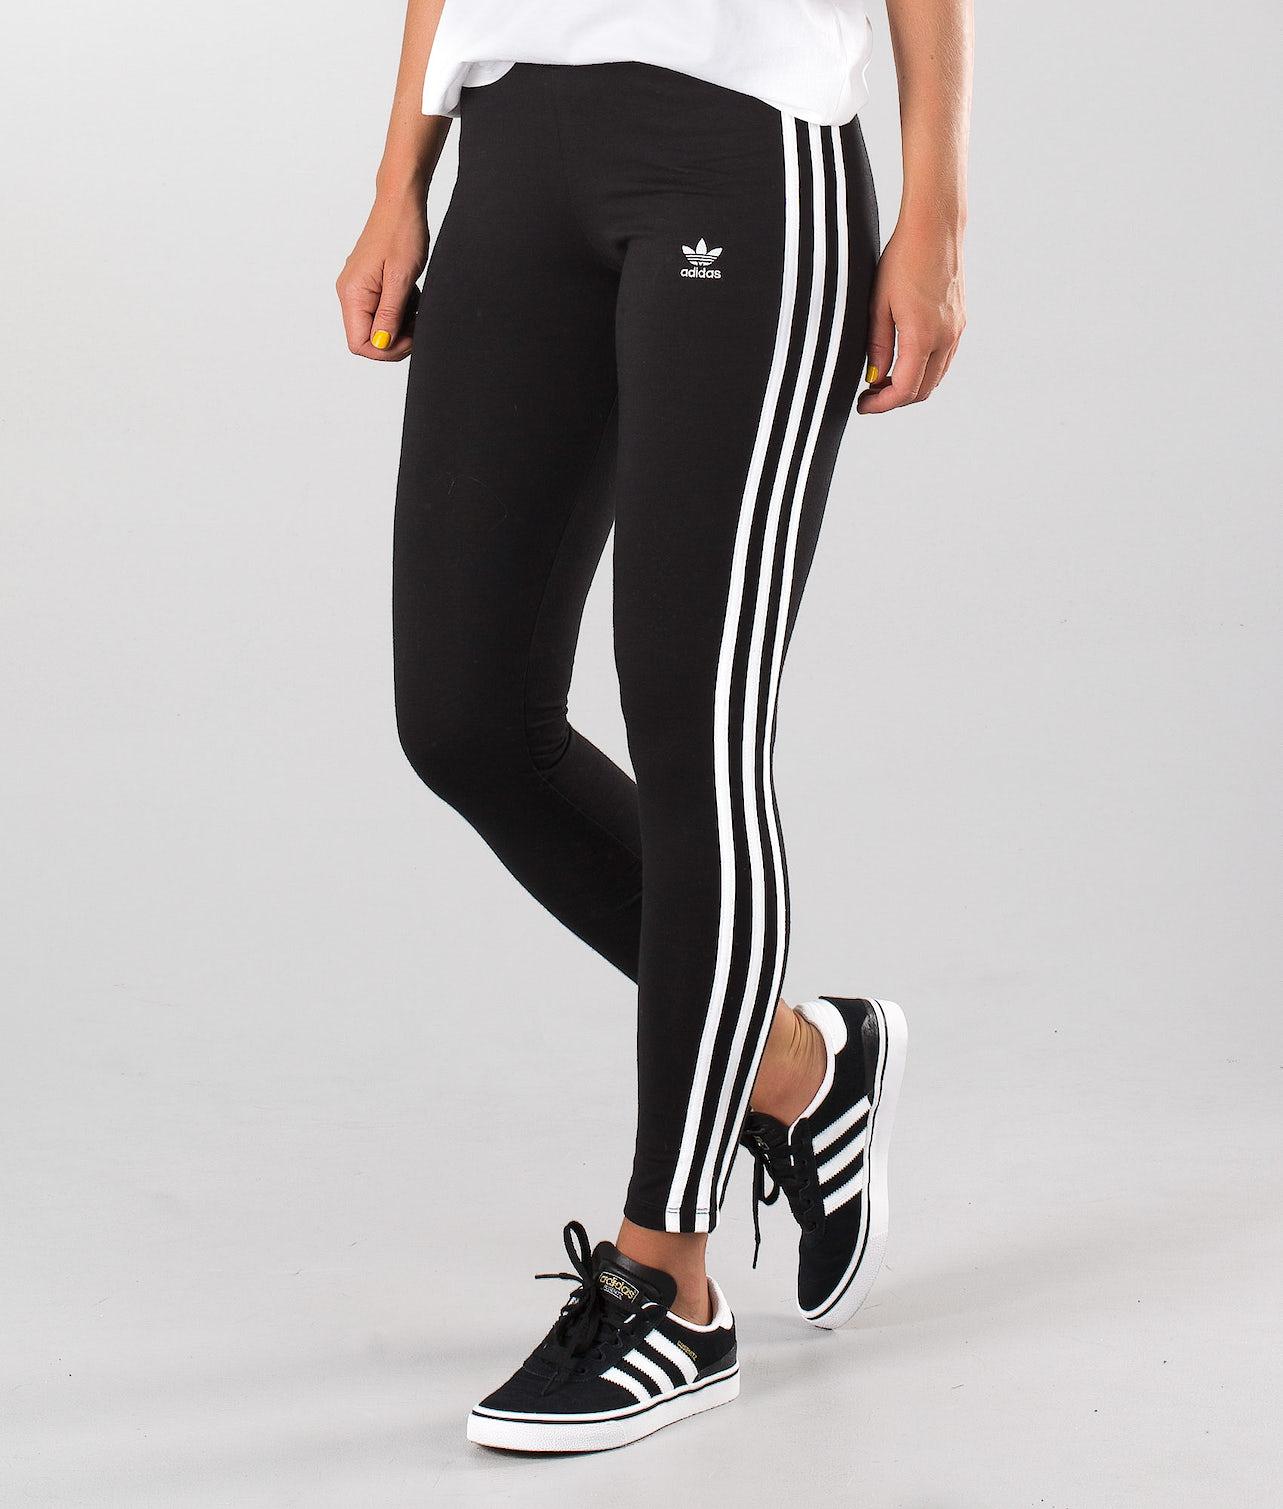 Adidas Originals 3-Stripes Leggings Black